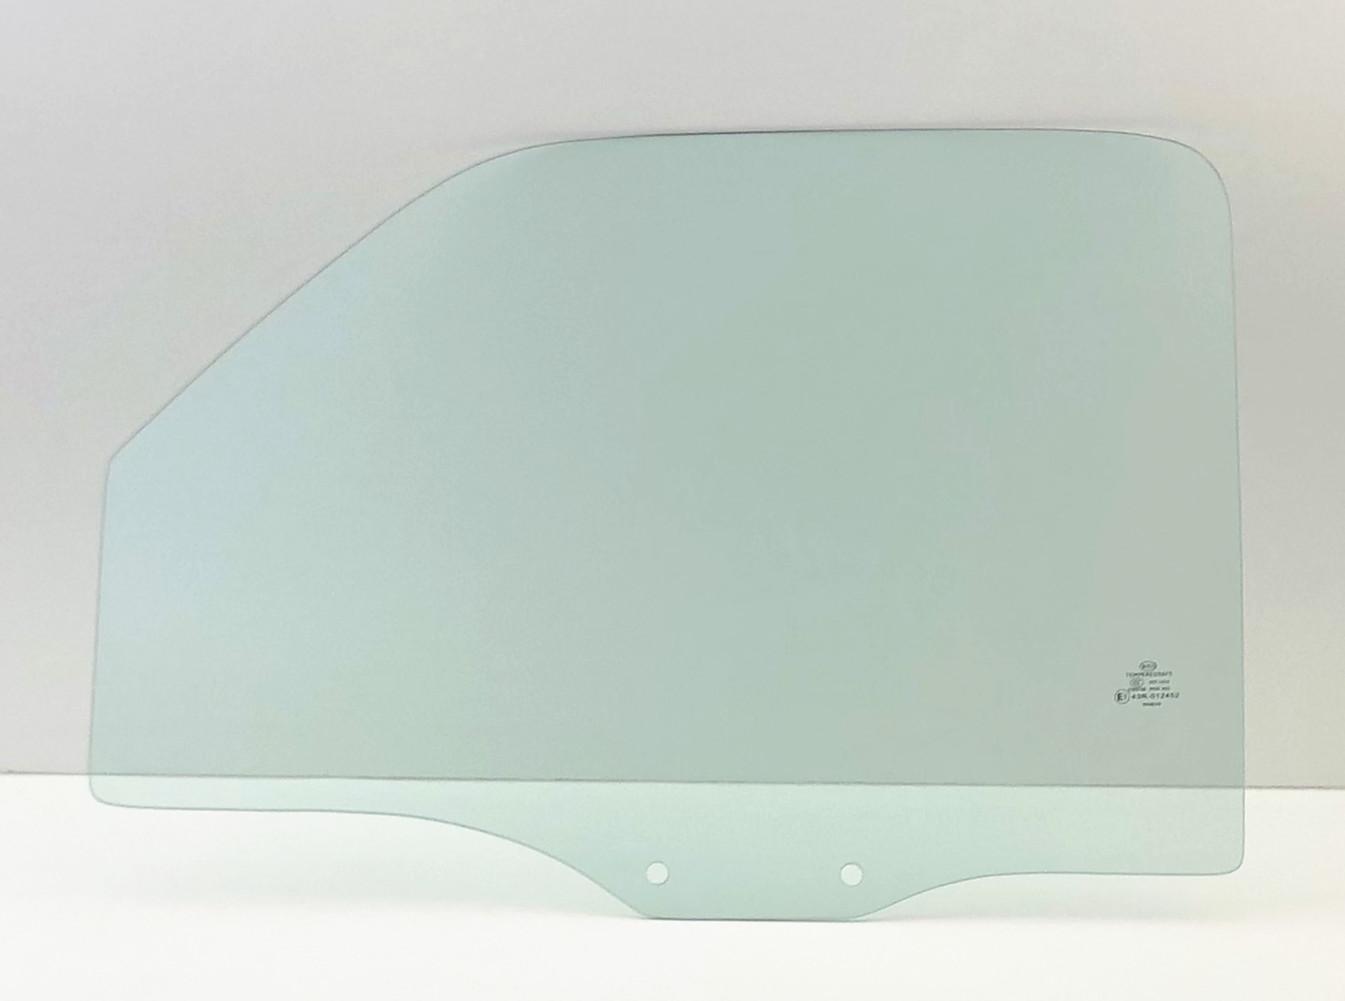 1993-2011 Ranger Lower Front Door Skin Passenger Side